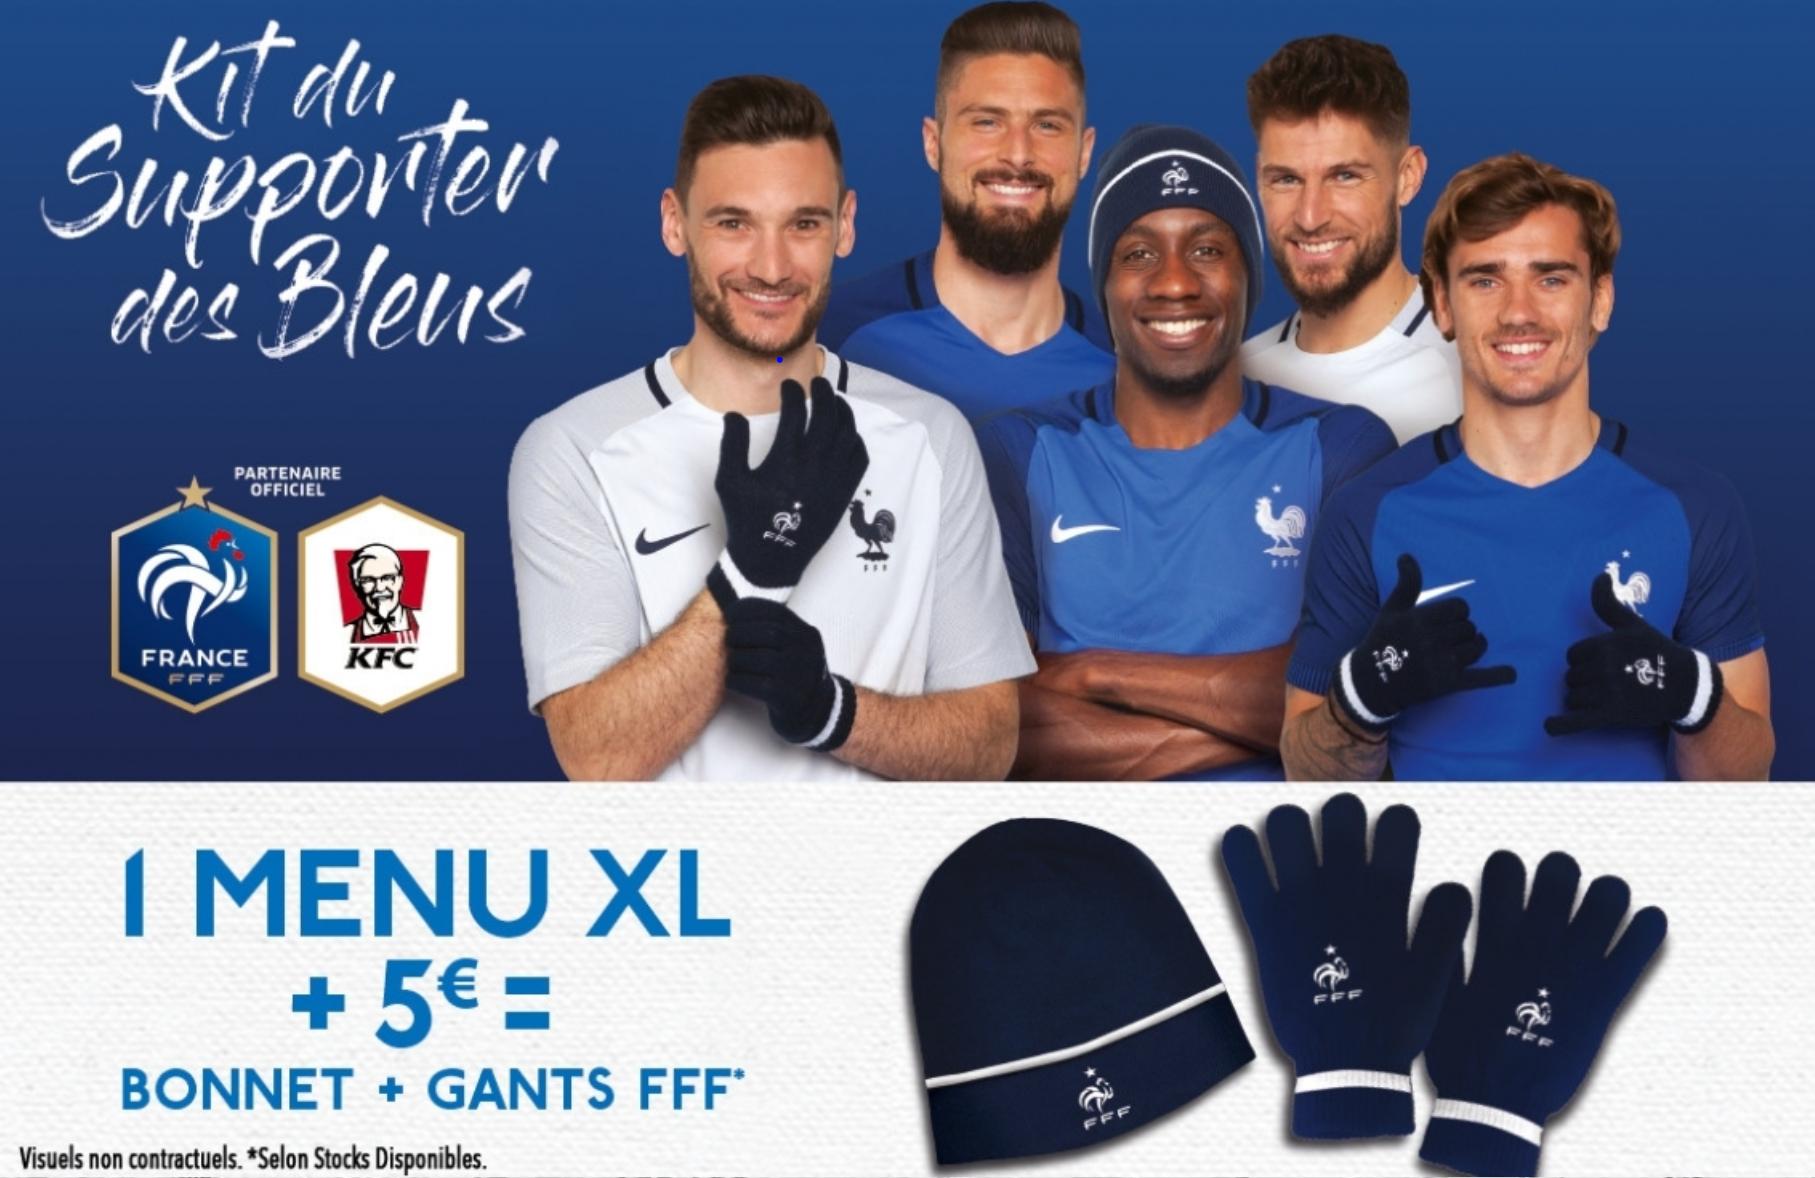 1 menu XL acheté + 5€ = Gants + Bonnets FFF offerts